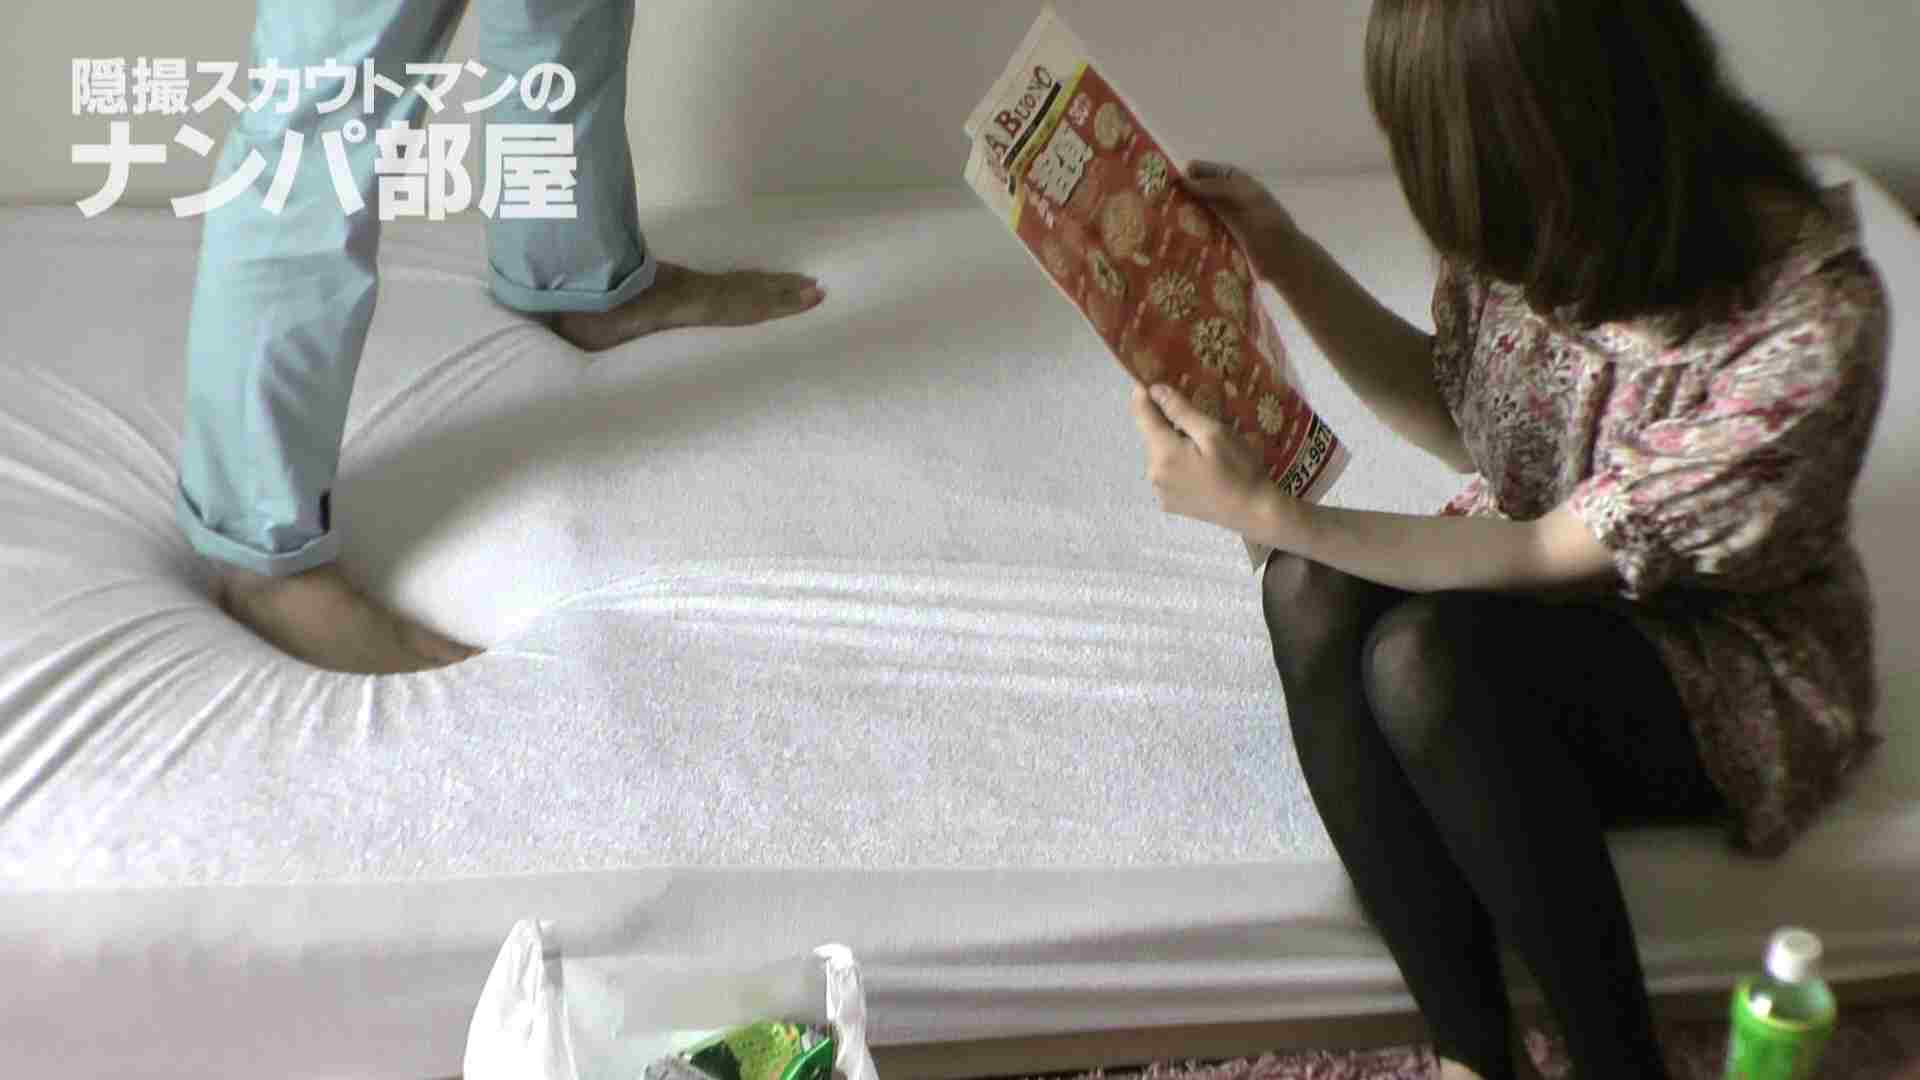 隠撮スカウトマンのナンパ部屋~風俗デビュー前のつまみ食い~ sii 隠撮  84連発 8